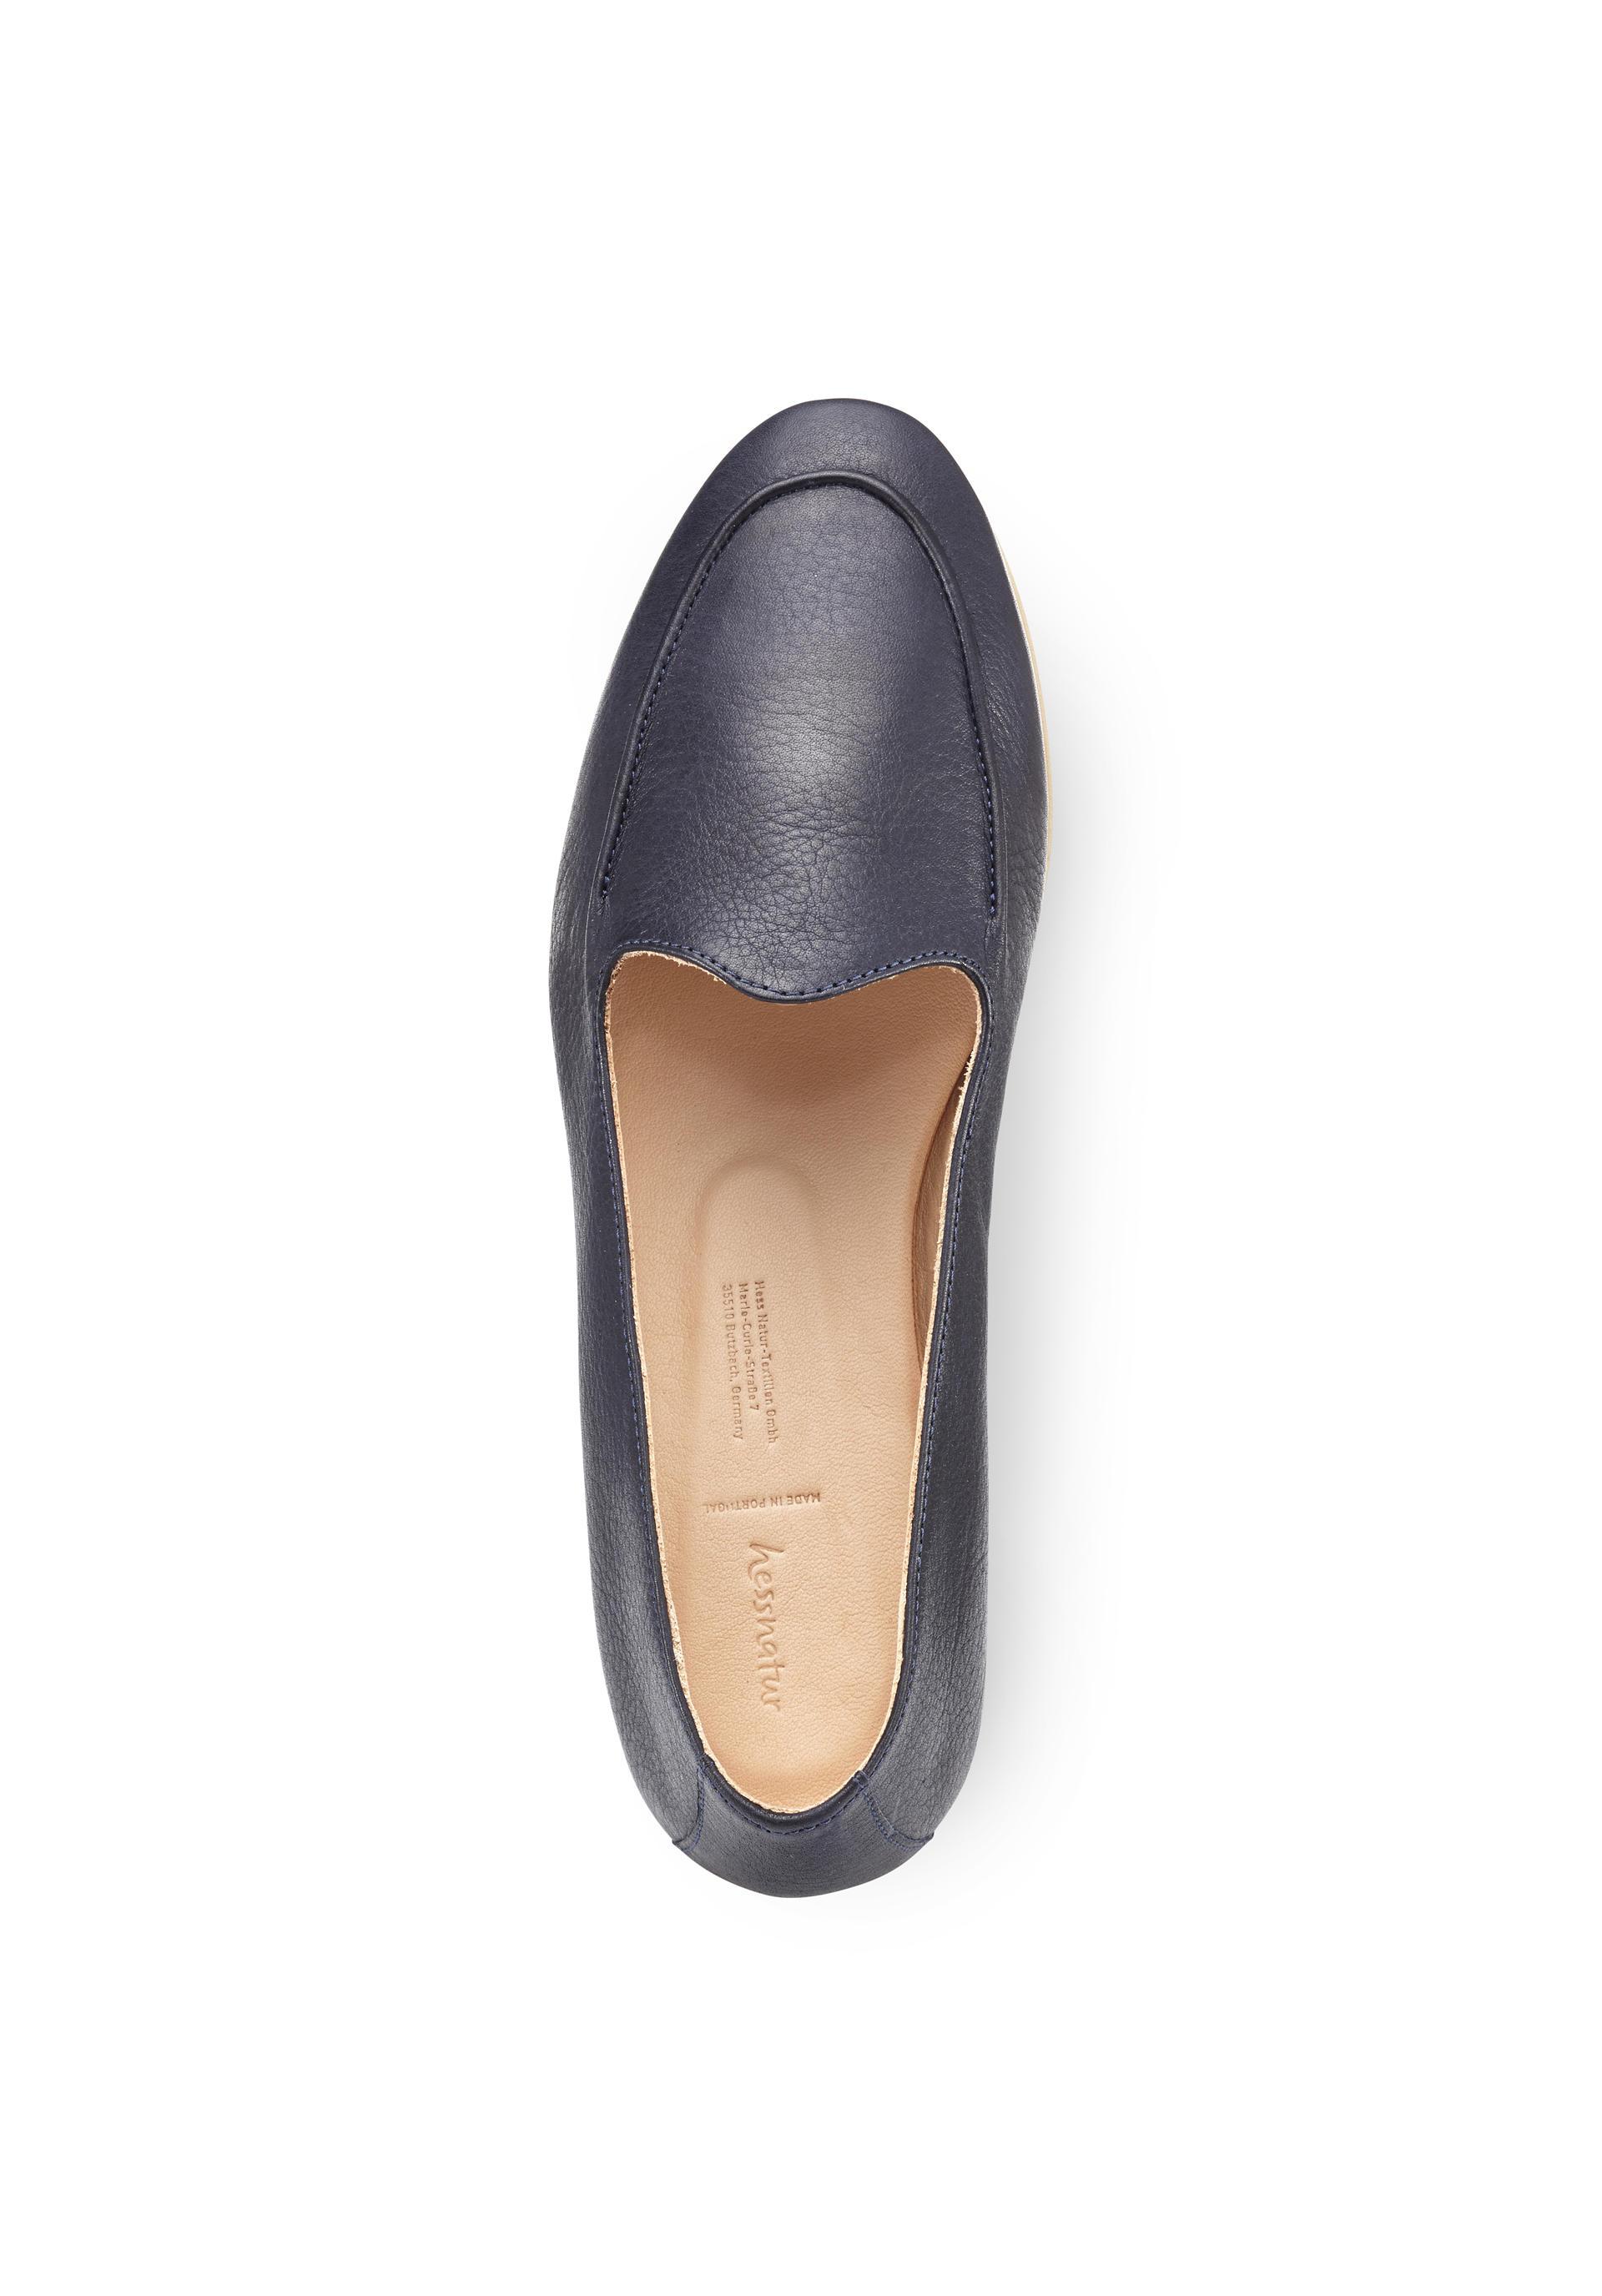 sale retailer a75bf e9f50 Damen Slipper aus Leder von hessnatur